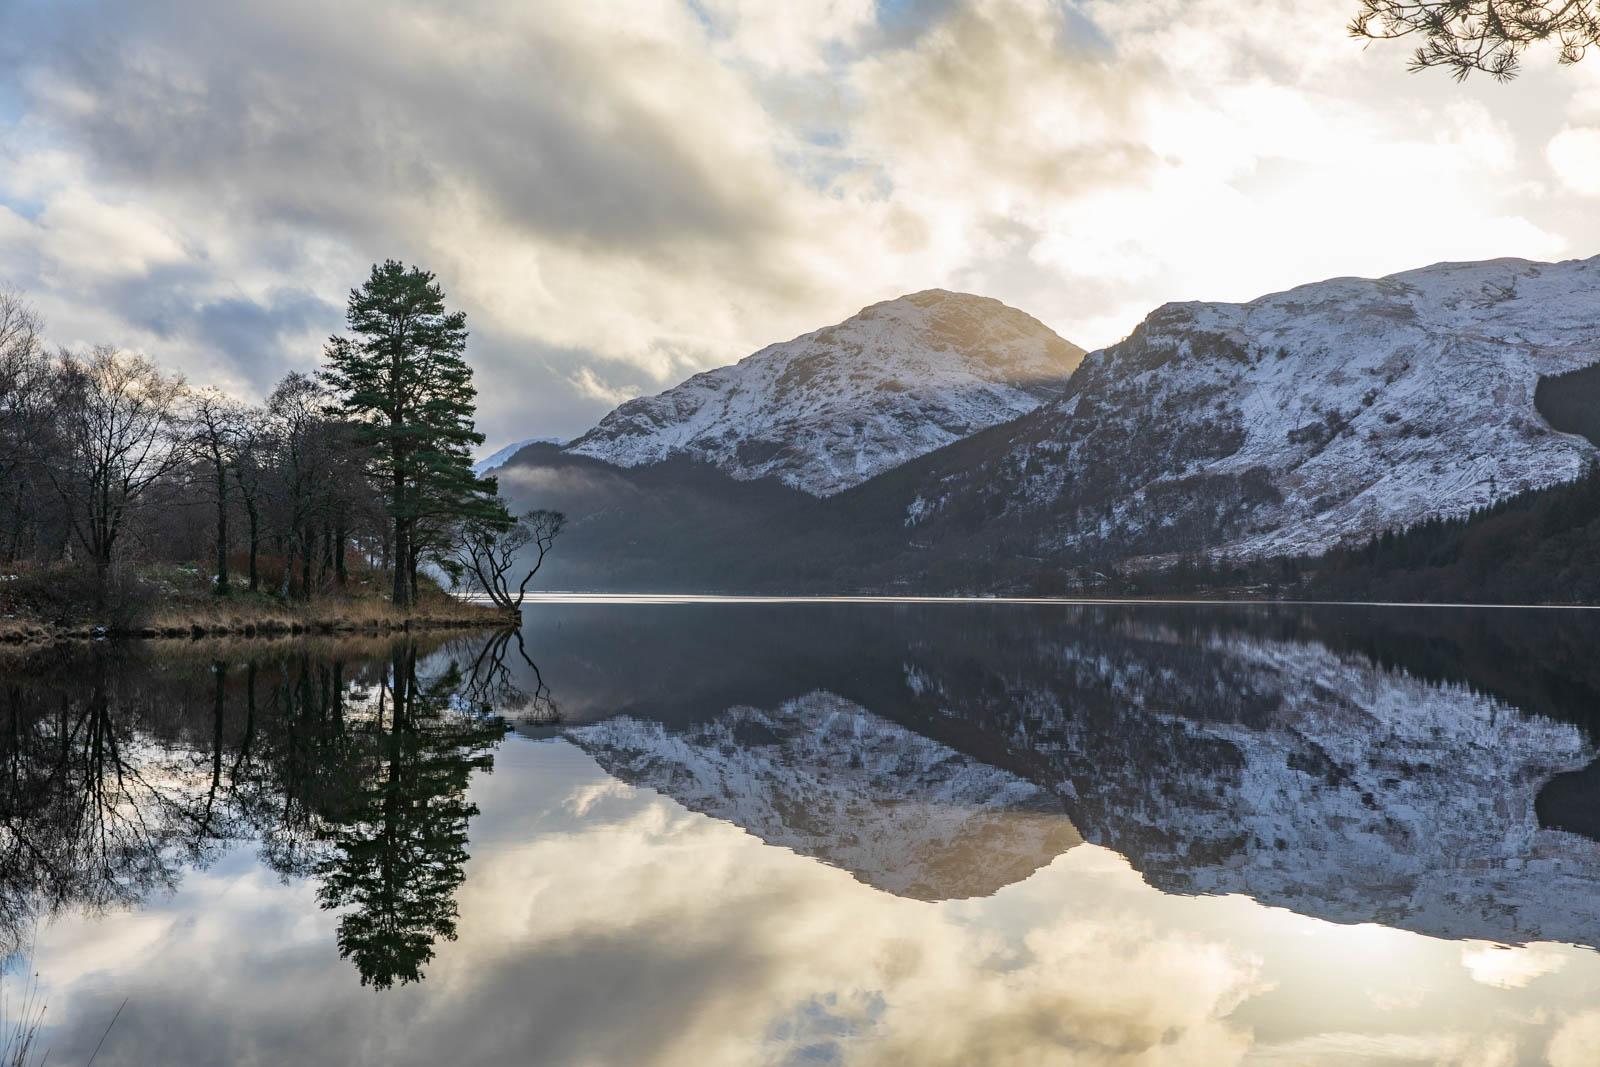 Spiegelung am Loch Eck, Schottland